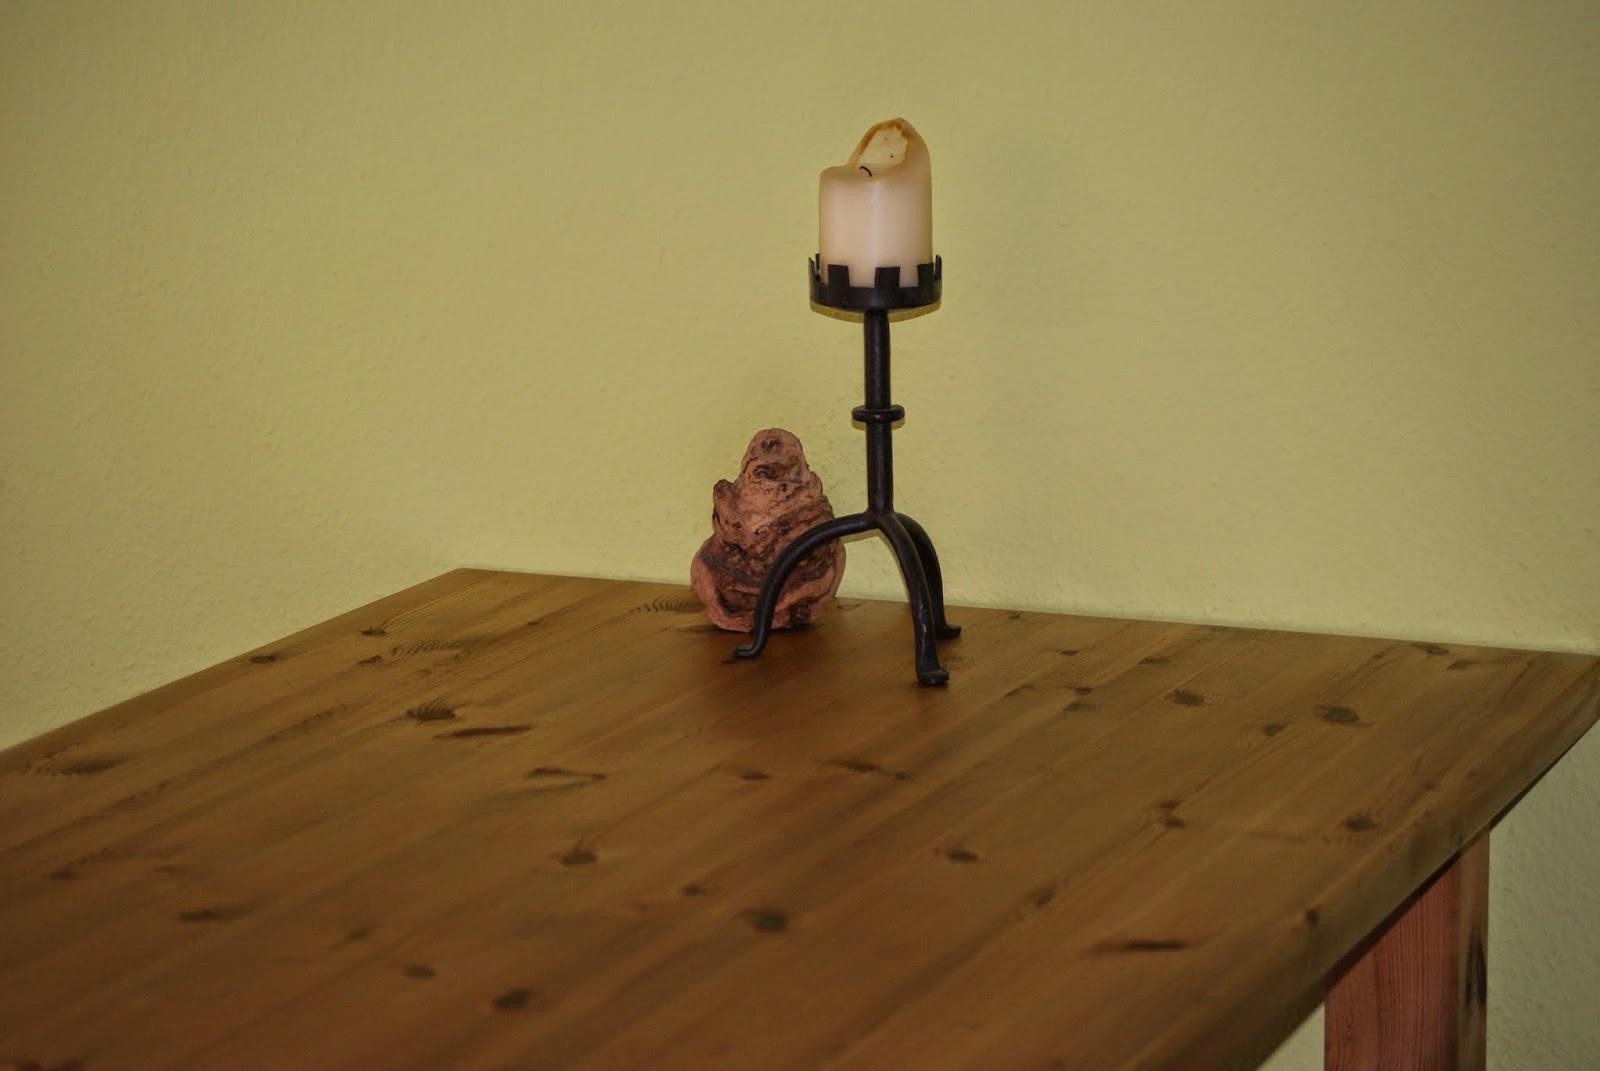 elb m hre deftiges fr hst ck. Black Bedroom Furniture Sets. Home Design Ideas